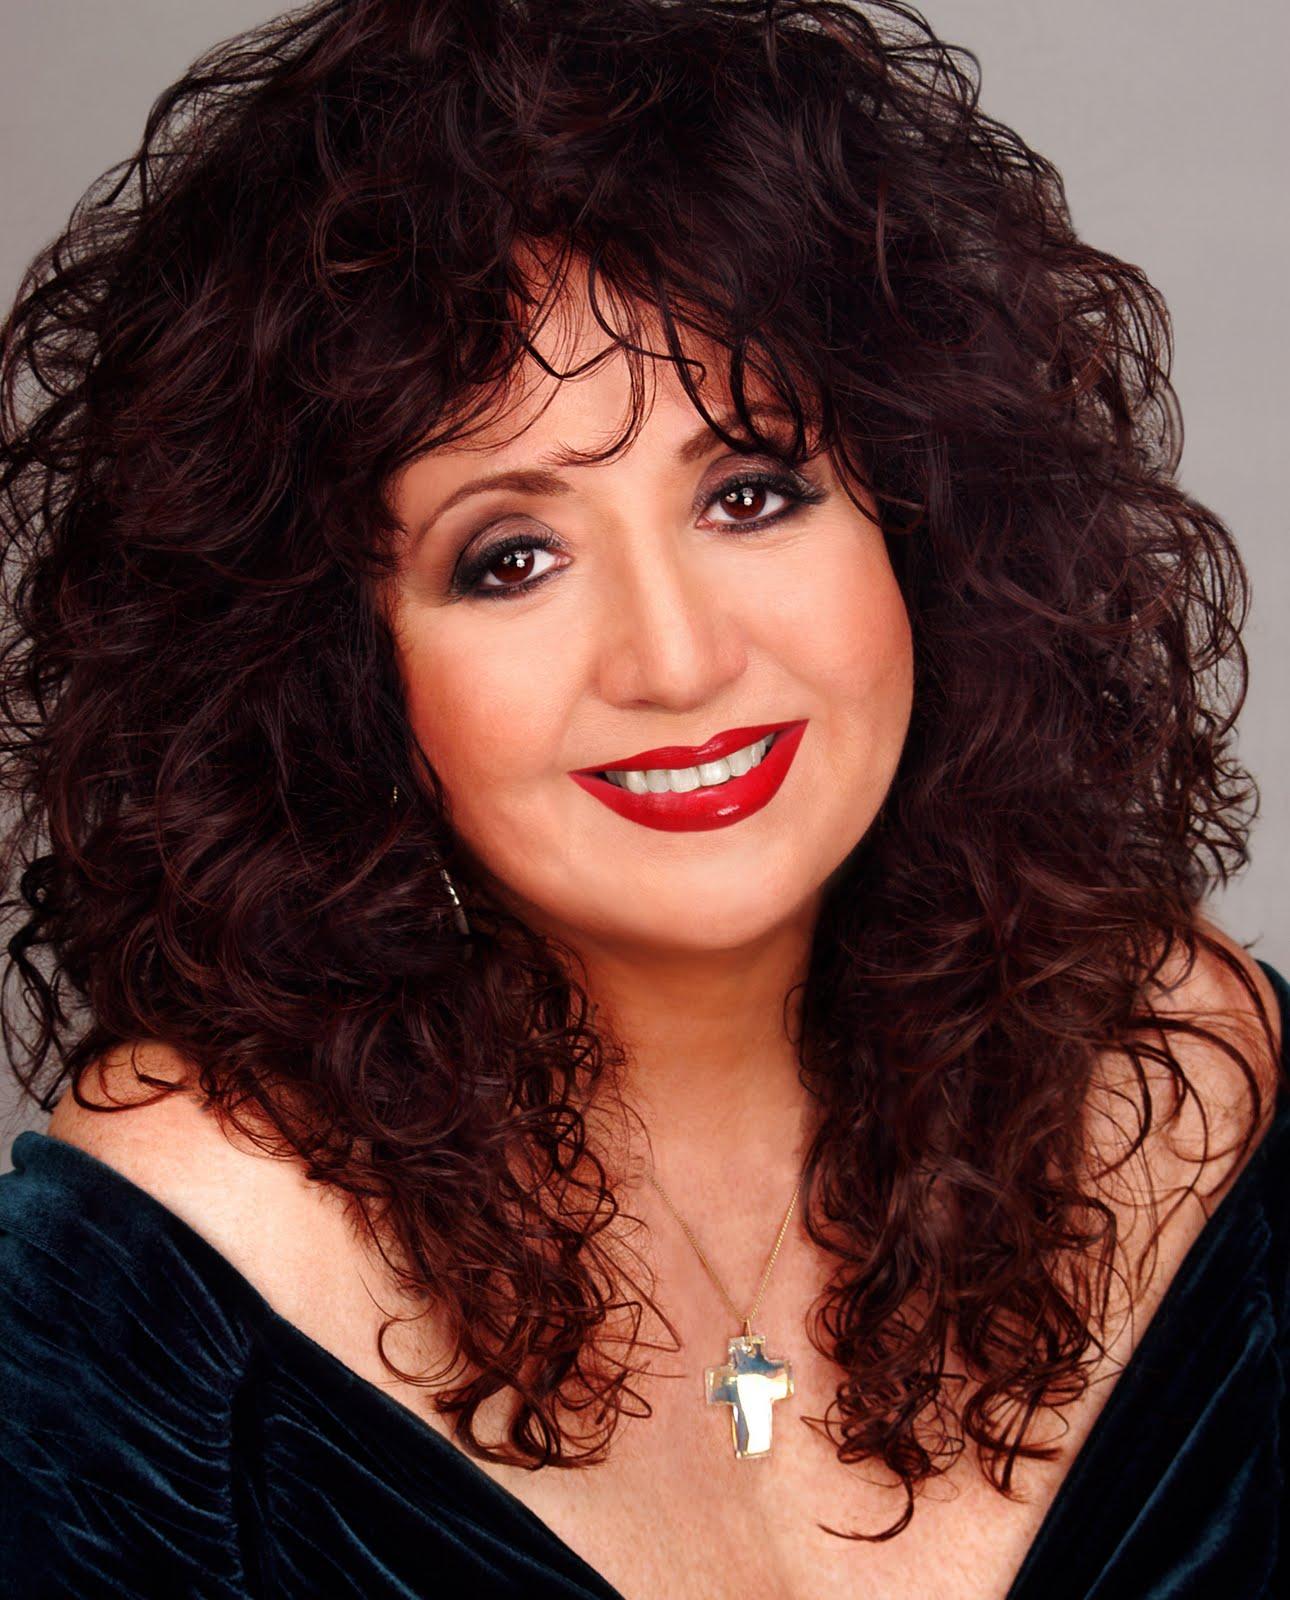 Alexandra Delli Colli